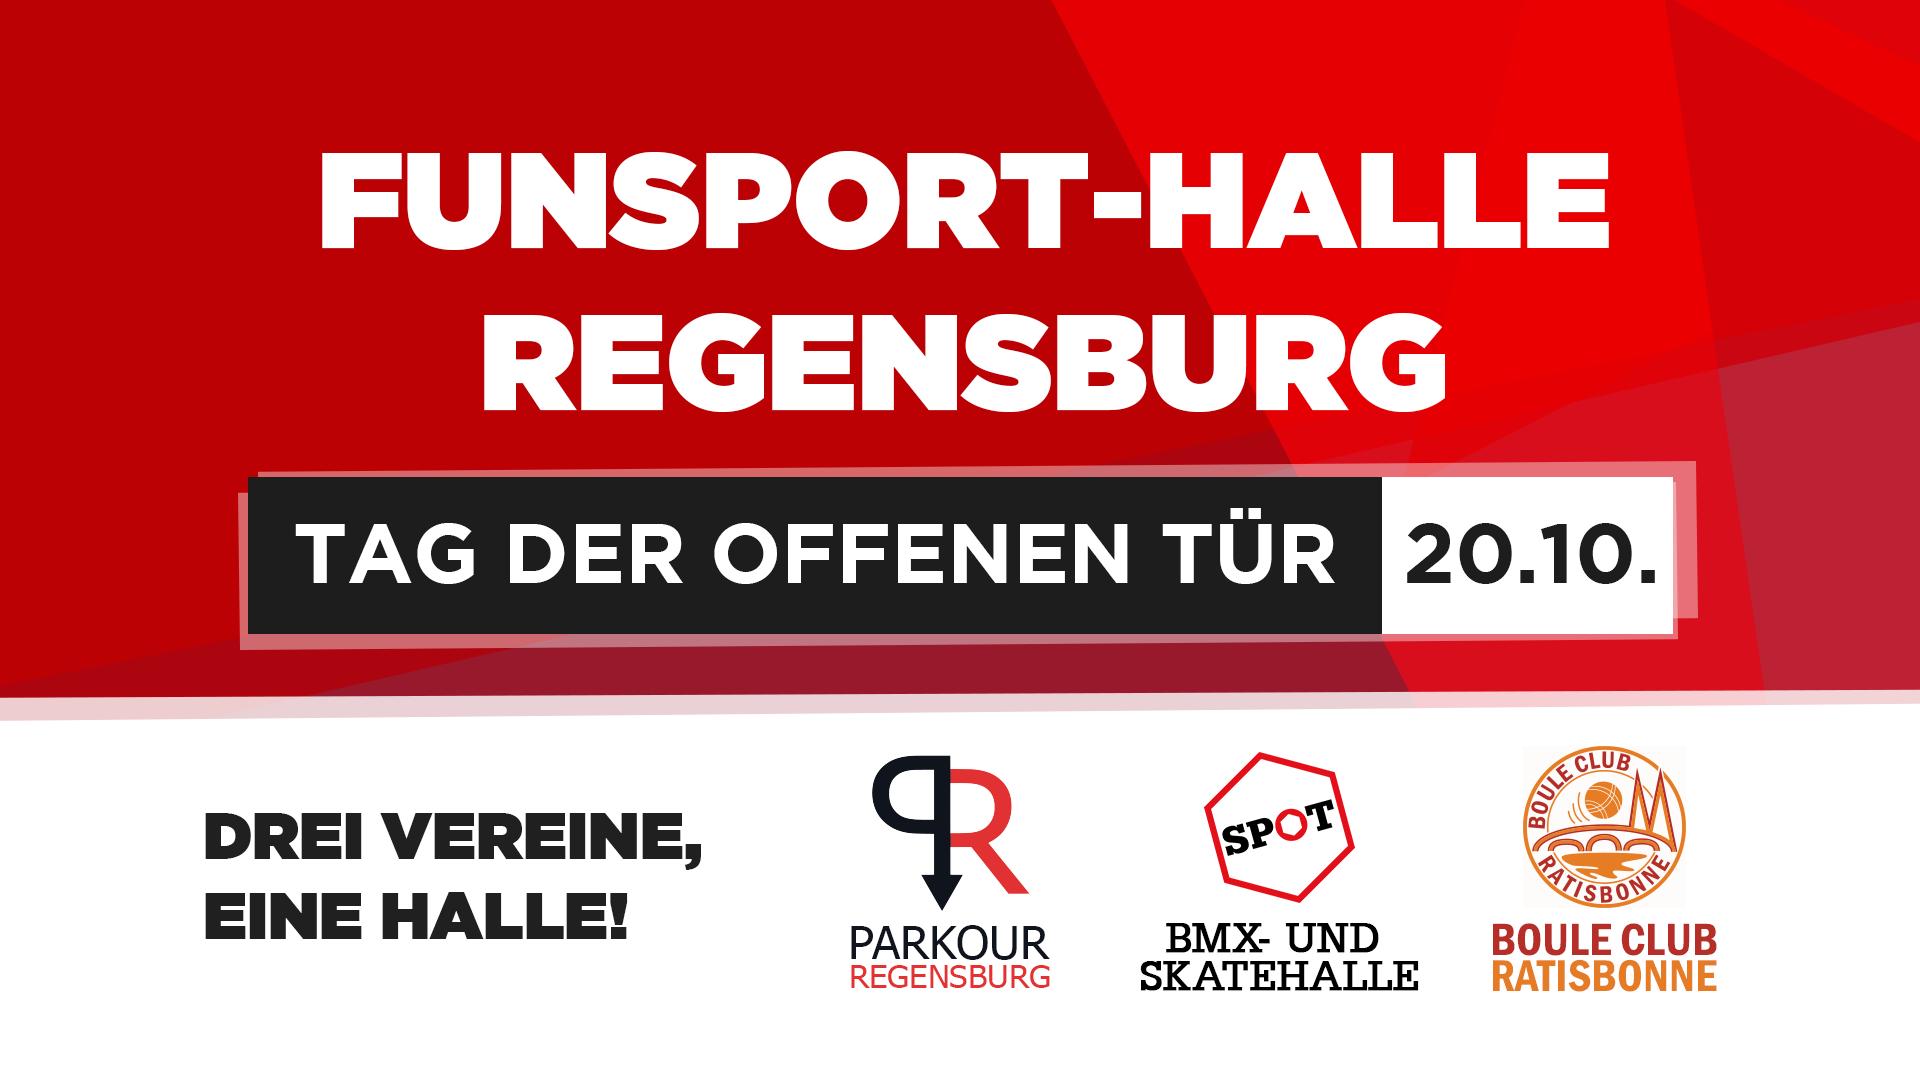 2019-10-Tag-Der-Offenen-Tür-Funsporthalle.jpg